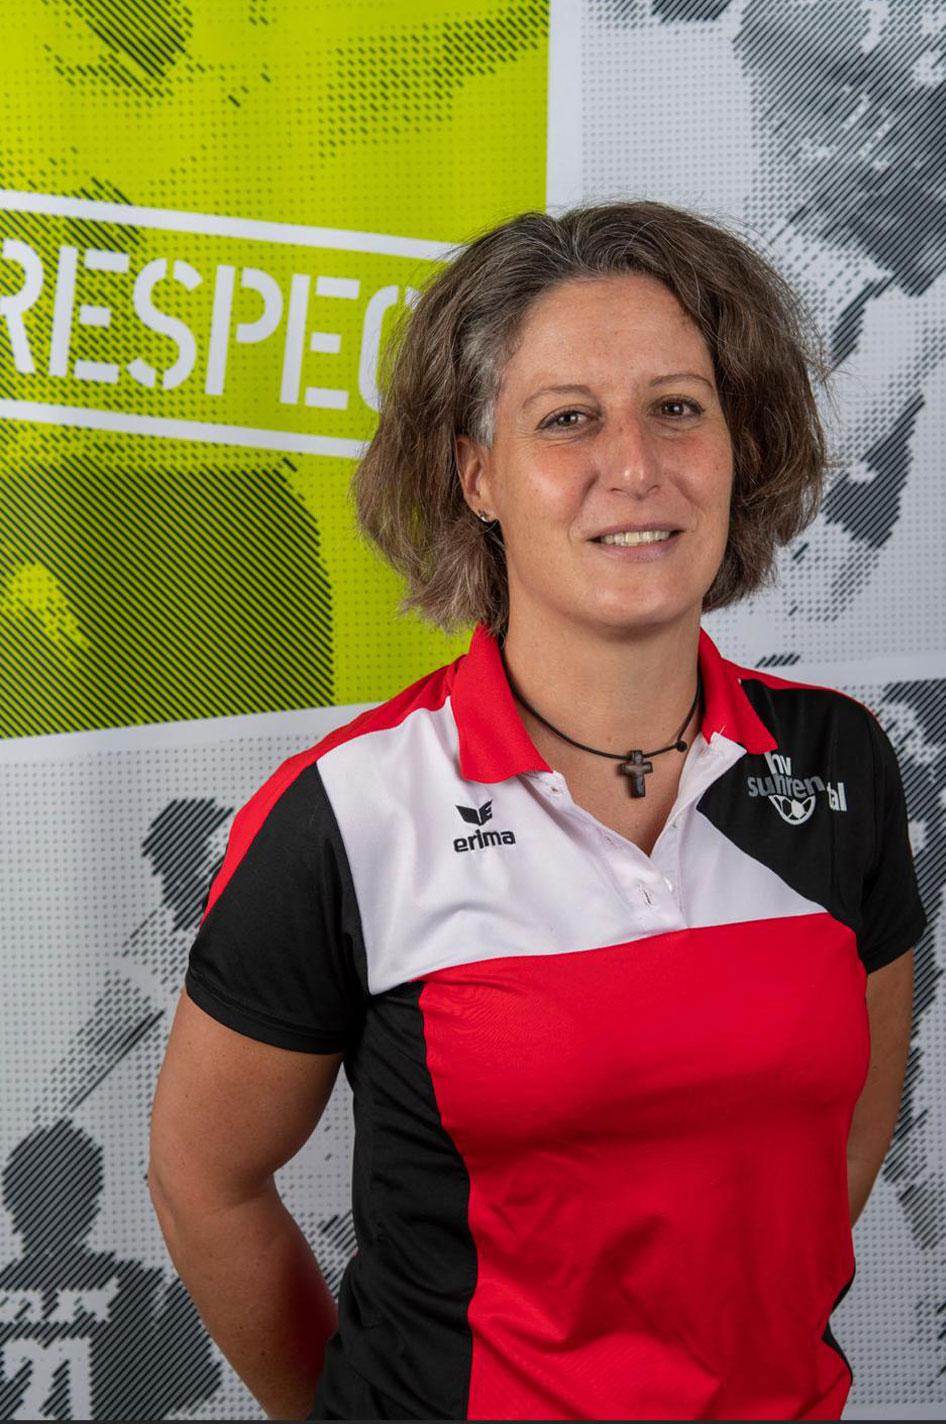 HVS Vorstand Debbie Wehrli-Faes